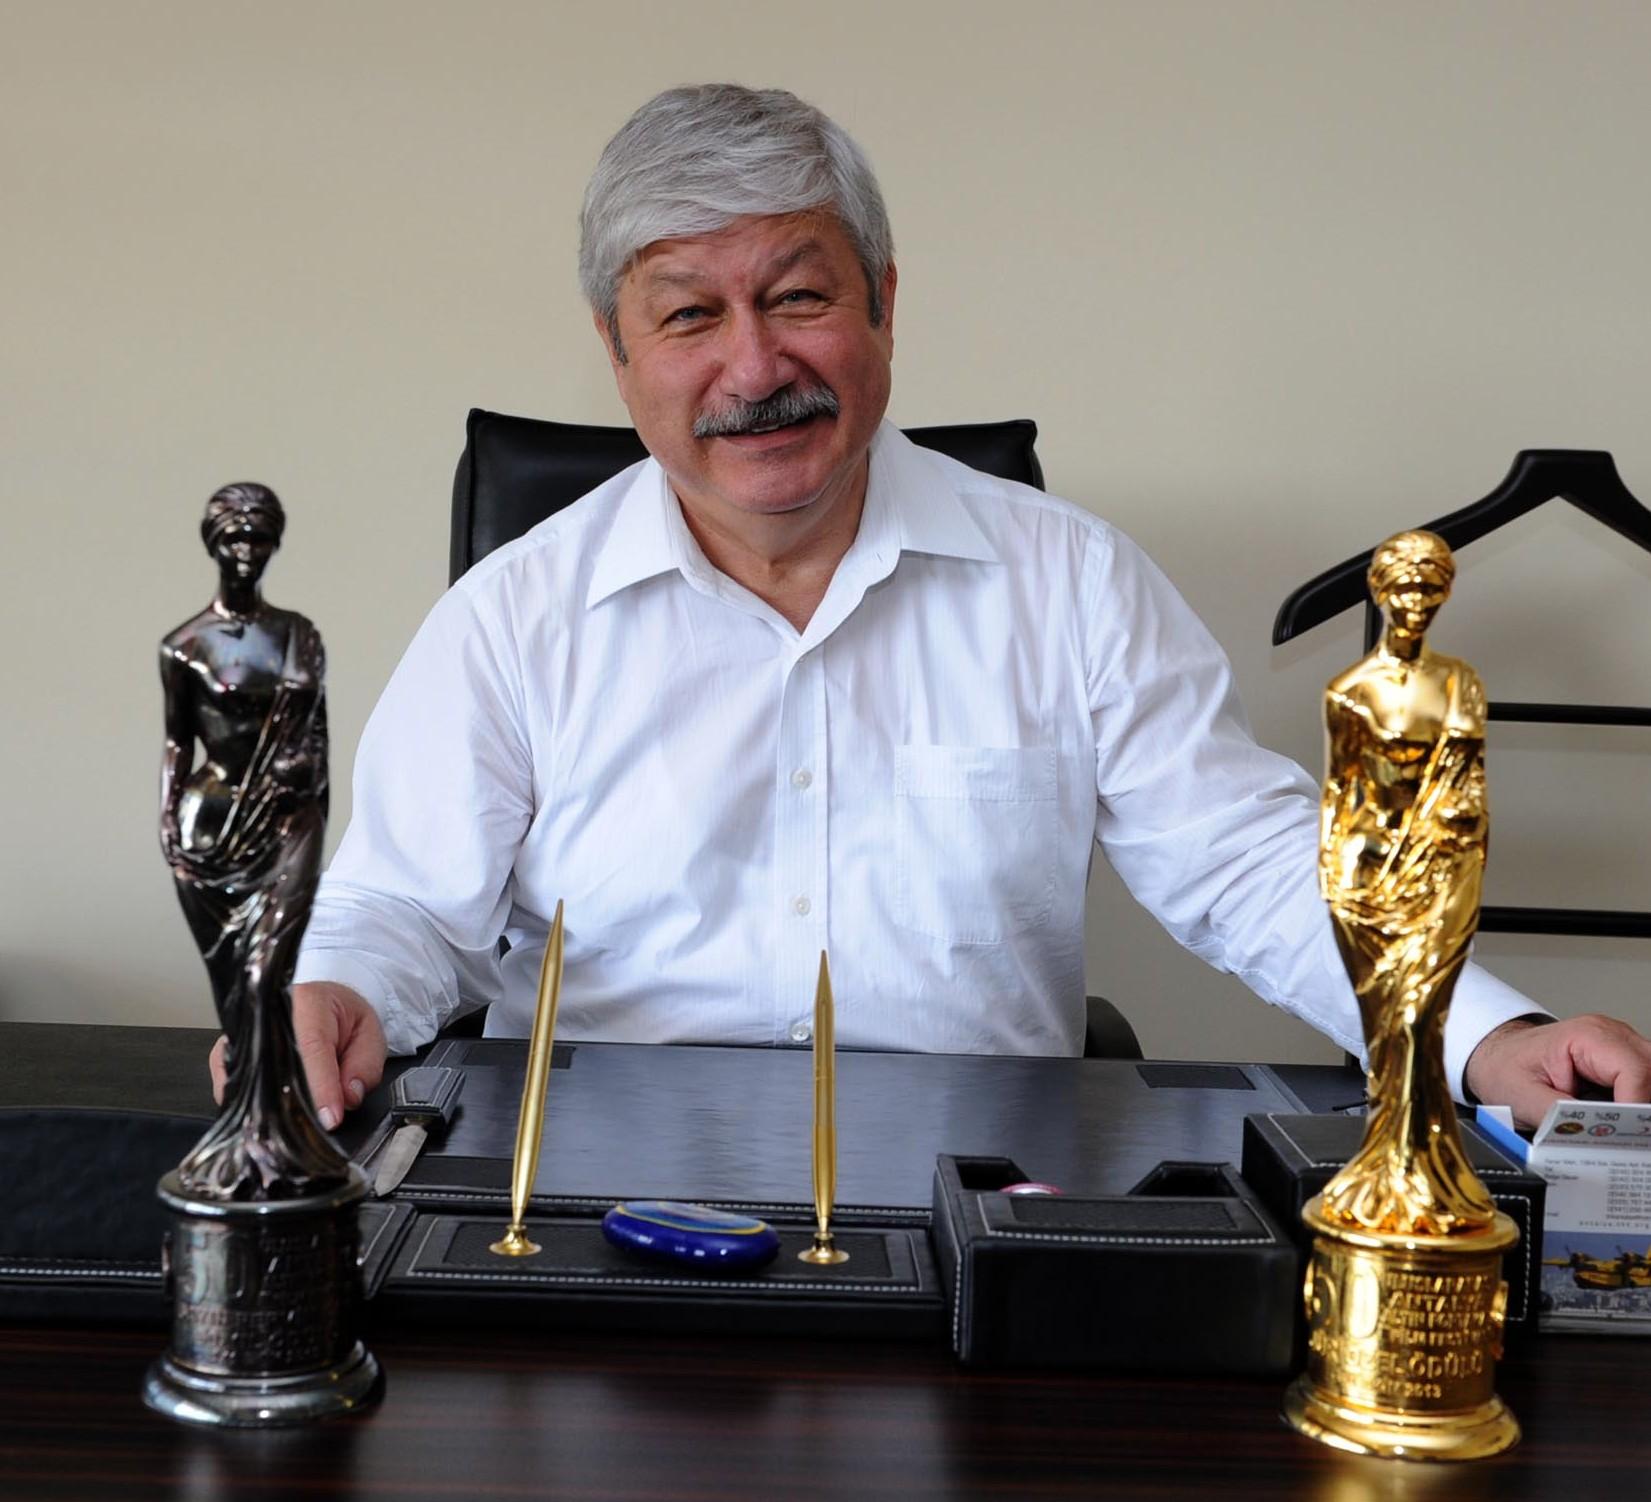 Mustafa Akaydın'ın önündeki Altın Portakal'lardan soldaki Antalya'da verilen ilk ödül, sağdaki ise sonuncusu...